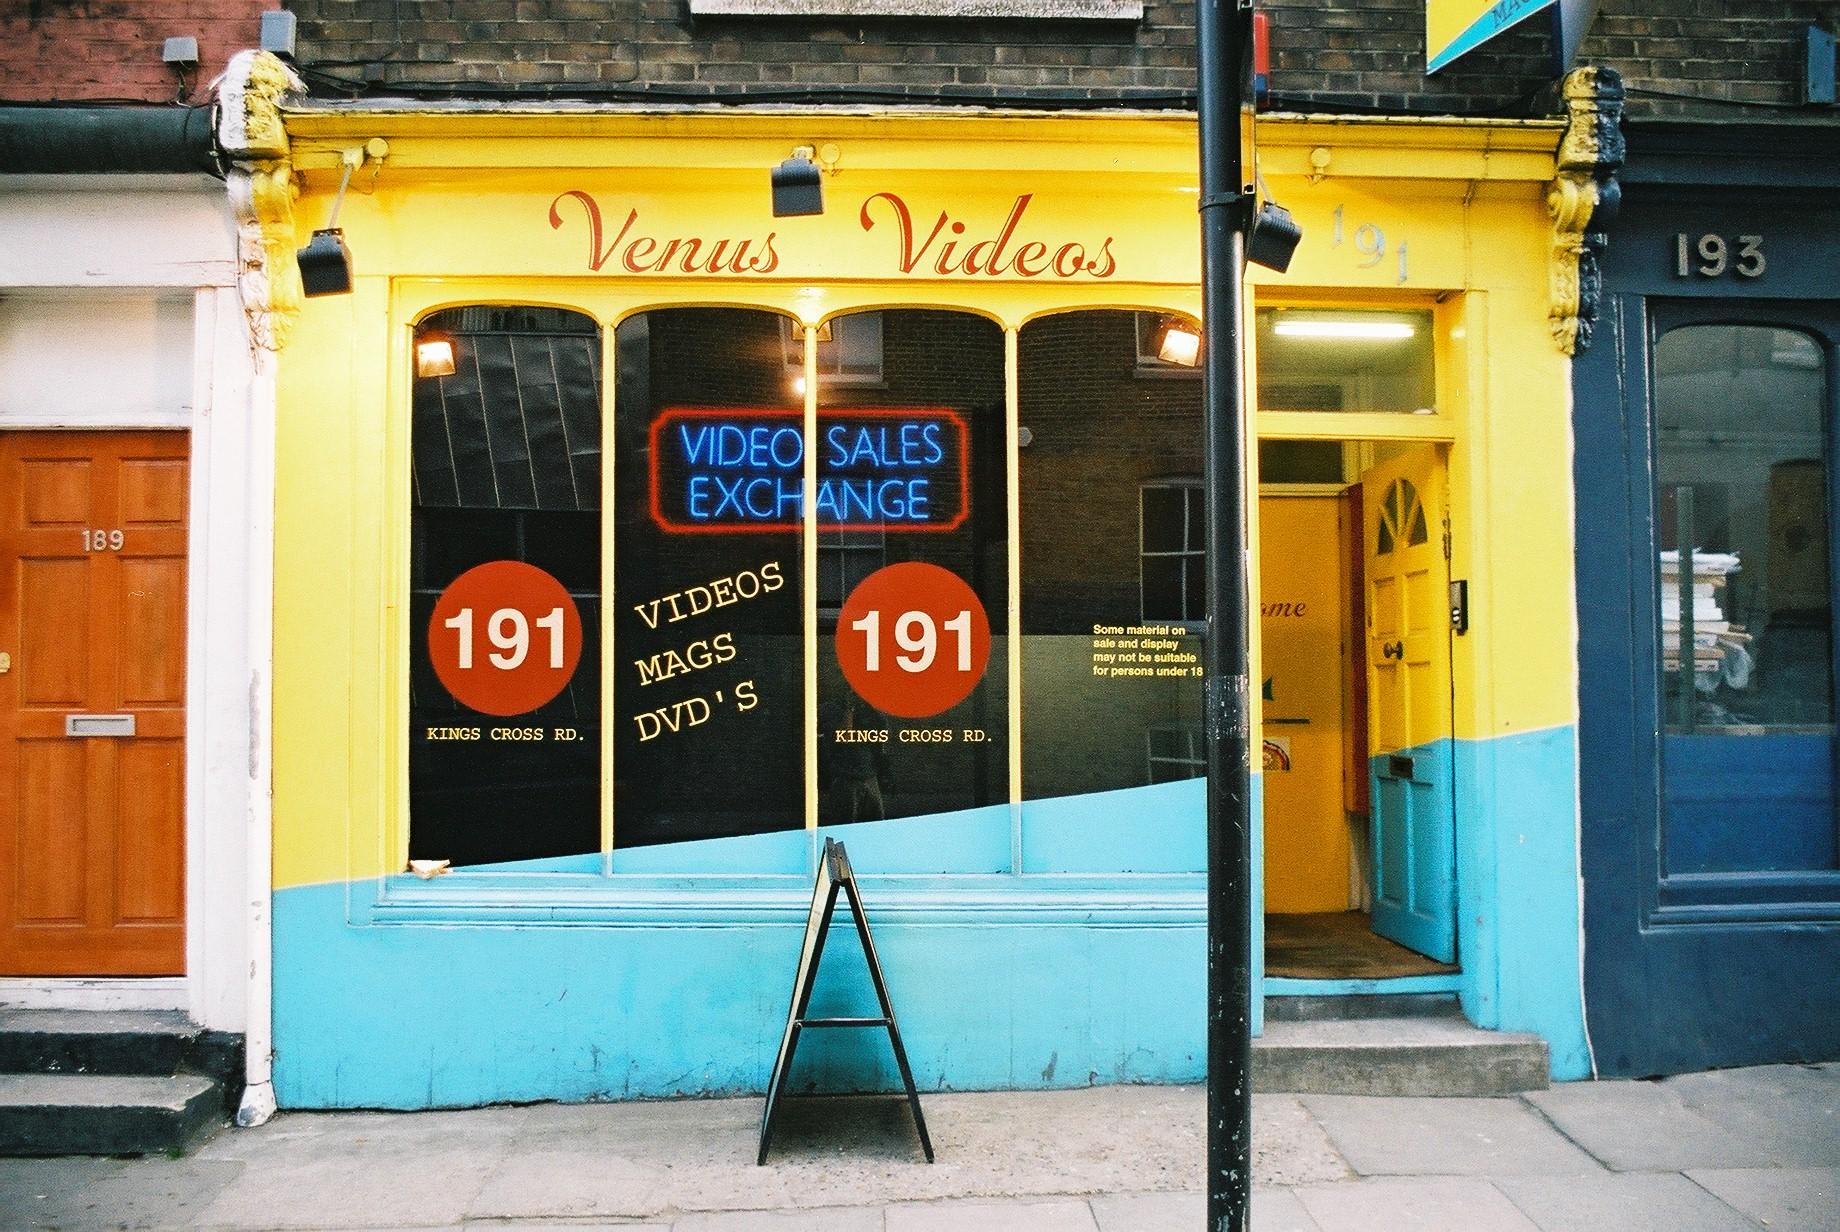 Venus Videos, Kings Cross.JPG